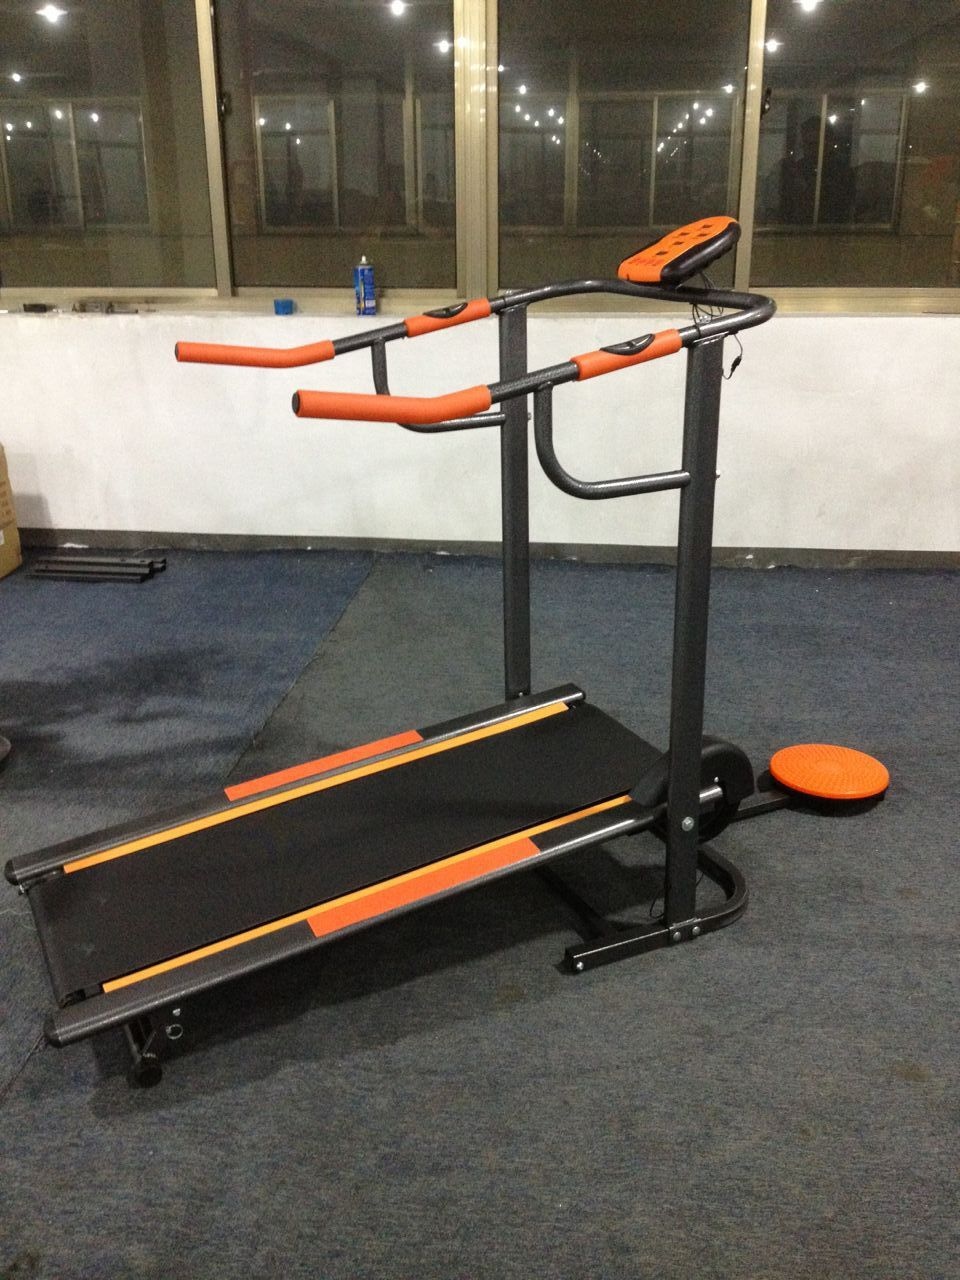 Treadmill Manual Jember Lengkap Berkualitas Bisa Cod Alat Fitness Tl 5008 2 Fungsi Dengan Warna Orange Spesifikasi Untuk Berlari Dan Berjalan Twister Monitor Speed Time Kalori Distance Pulse